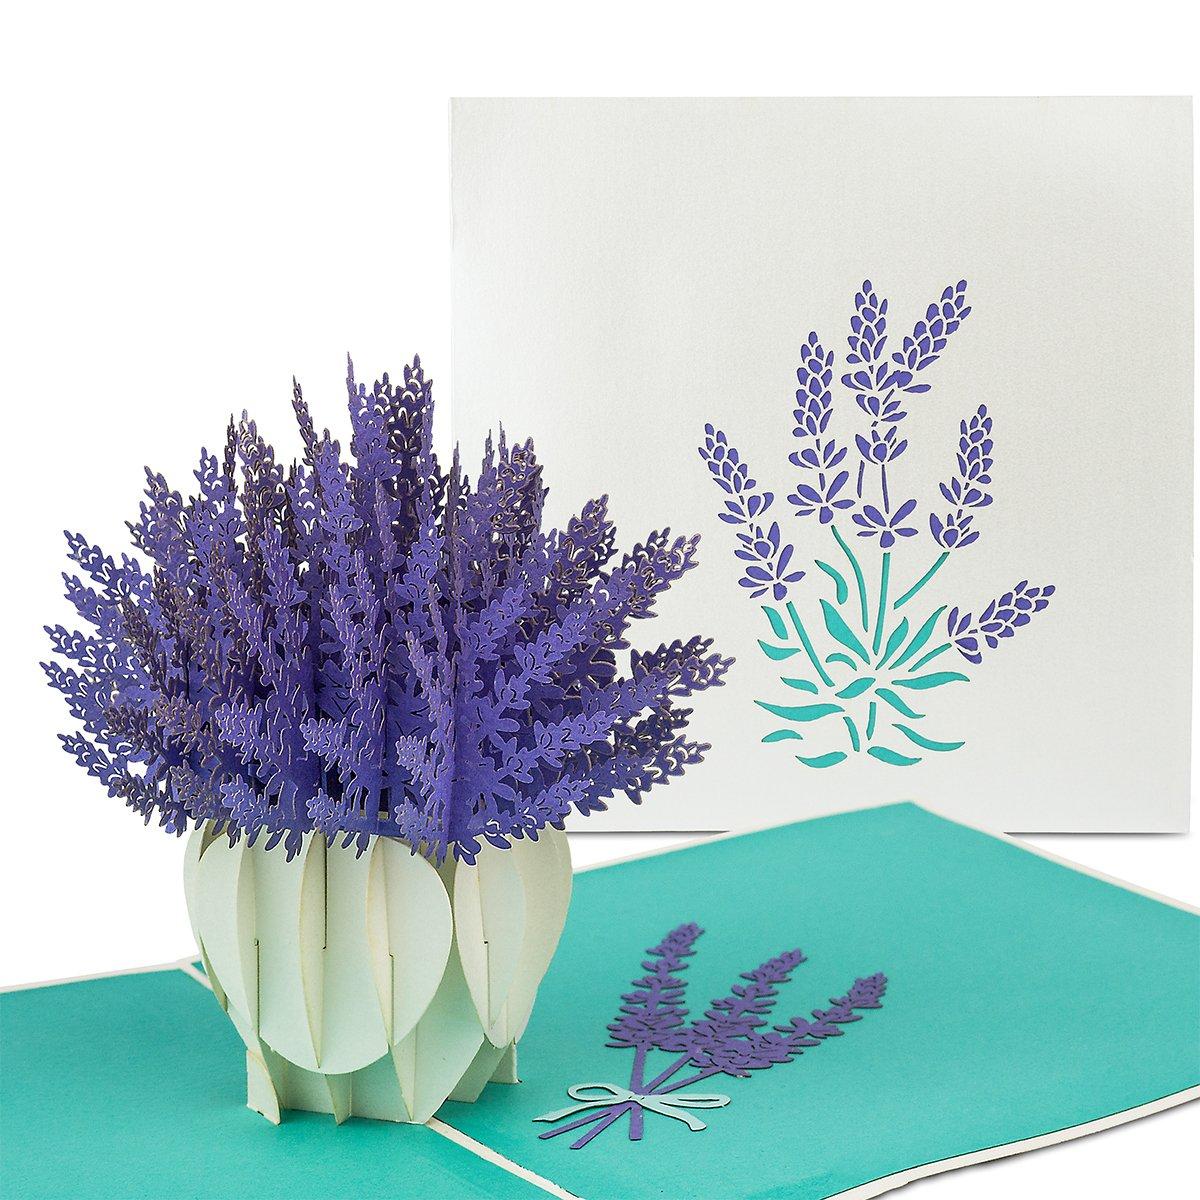 PaperCrush® Tarjeta Pop Up Flores Lavanda - 3D Flower Card como un regalo especial para la madre, abuela - Tarjeta de cumpleaños hecha a mano con motivo de la Flor incluido sobre